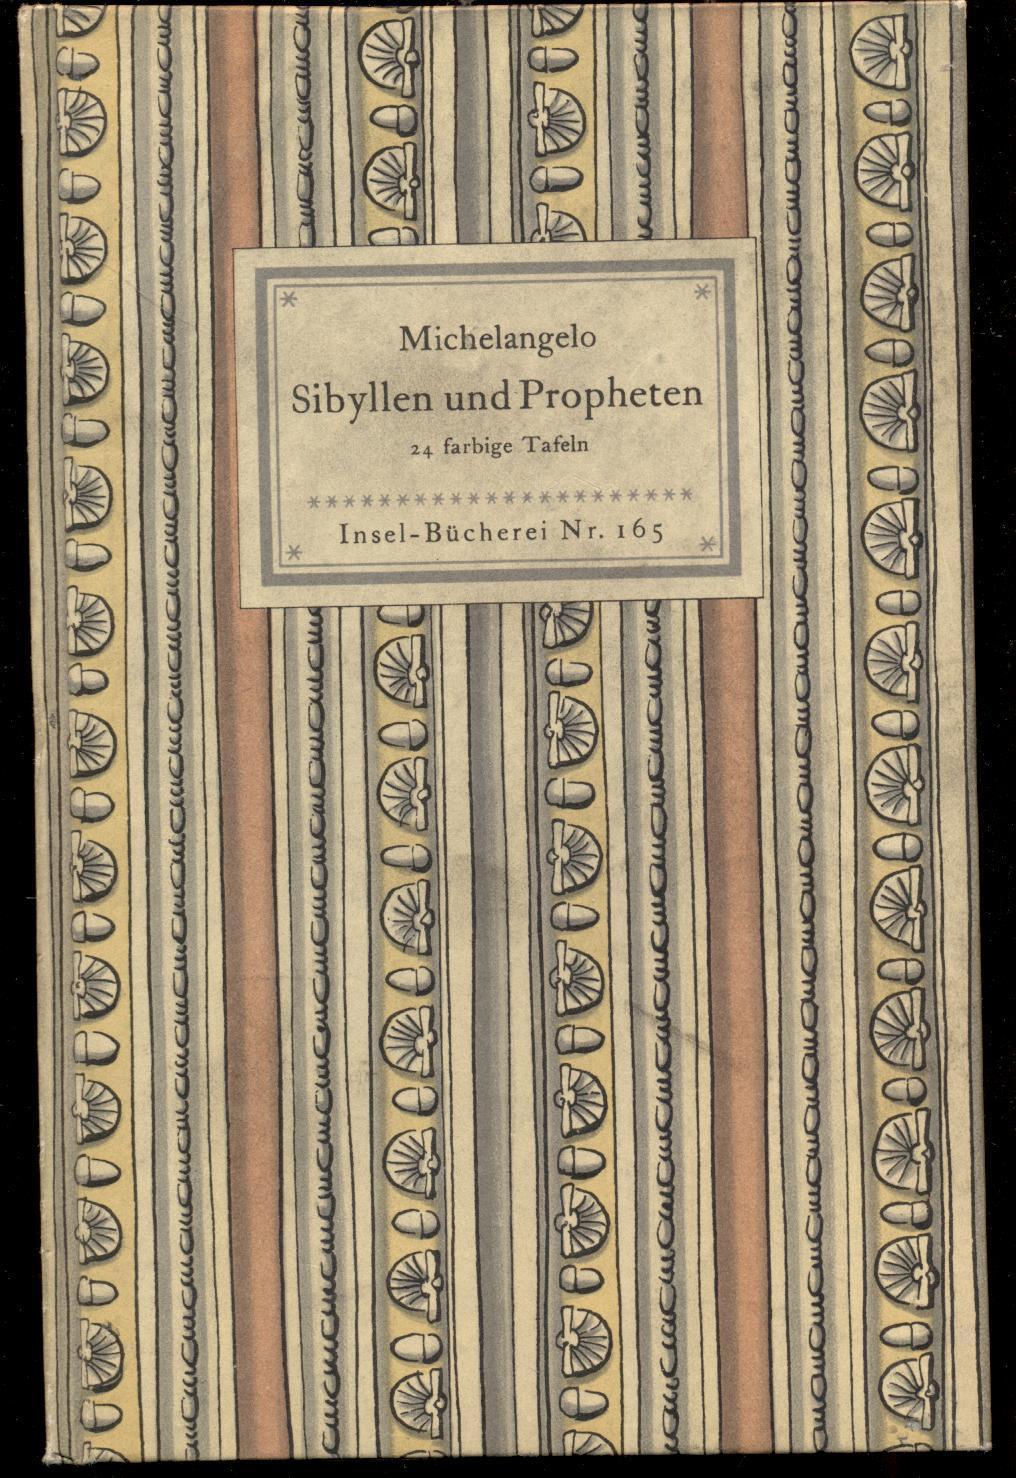 michelangelo sibyllen und propheten 24 farbige bilder nach fresken in der sixtinischen kapelle